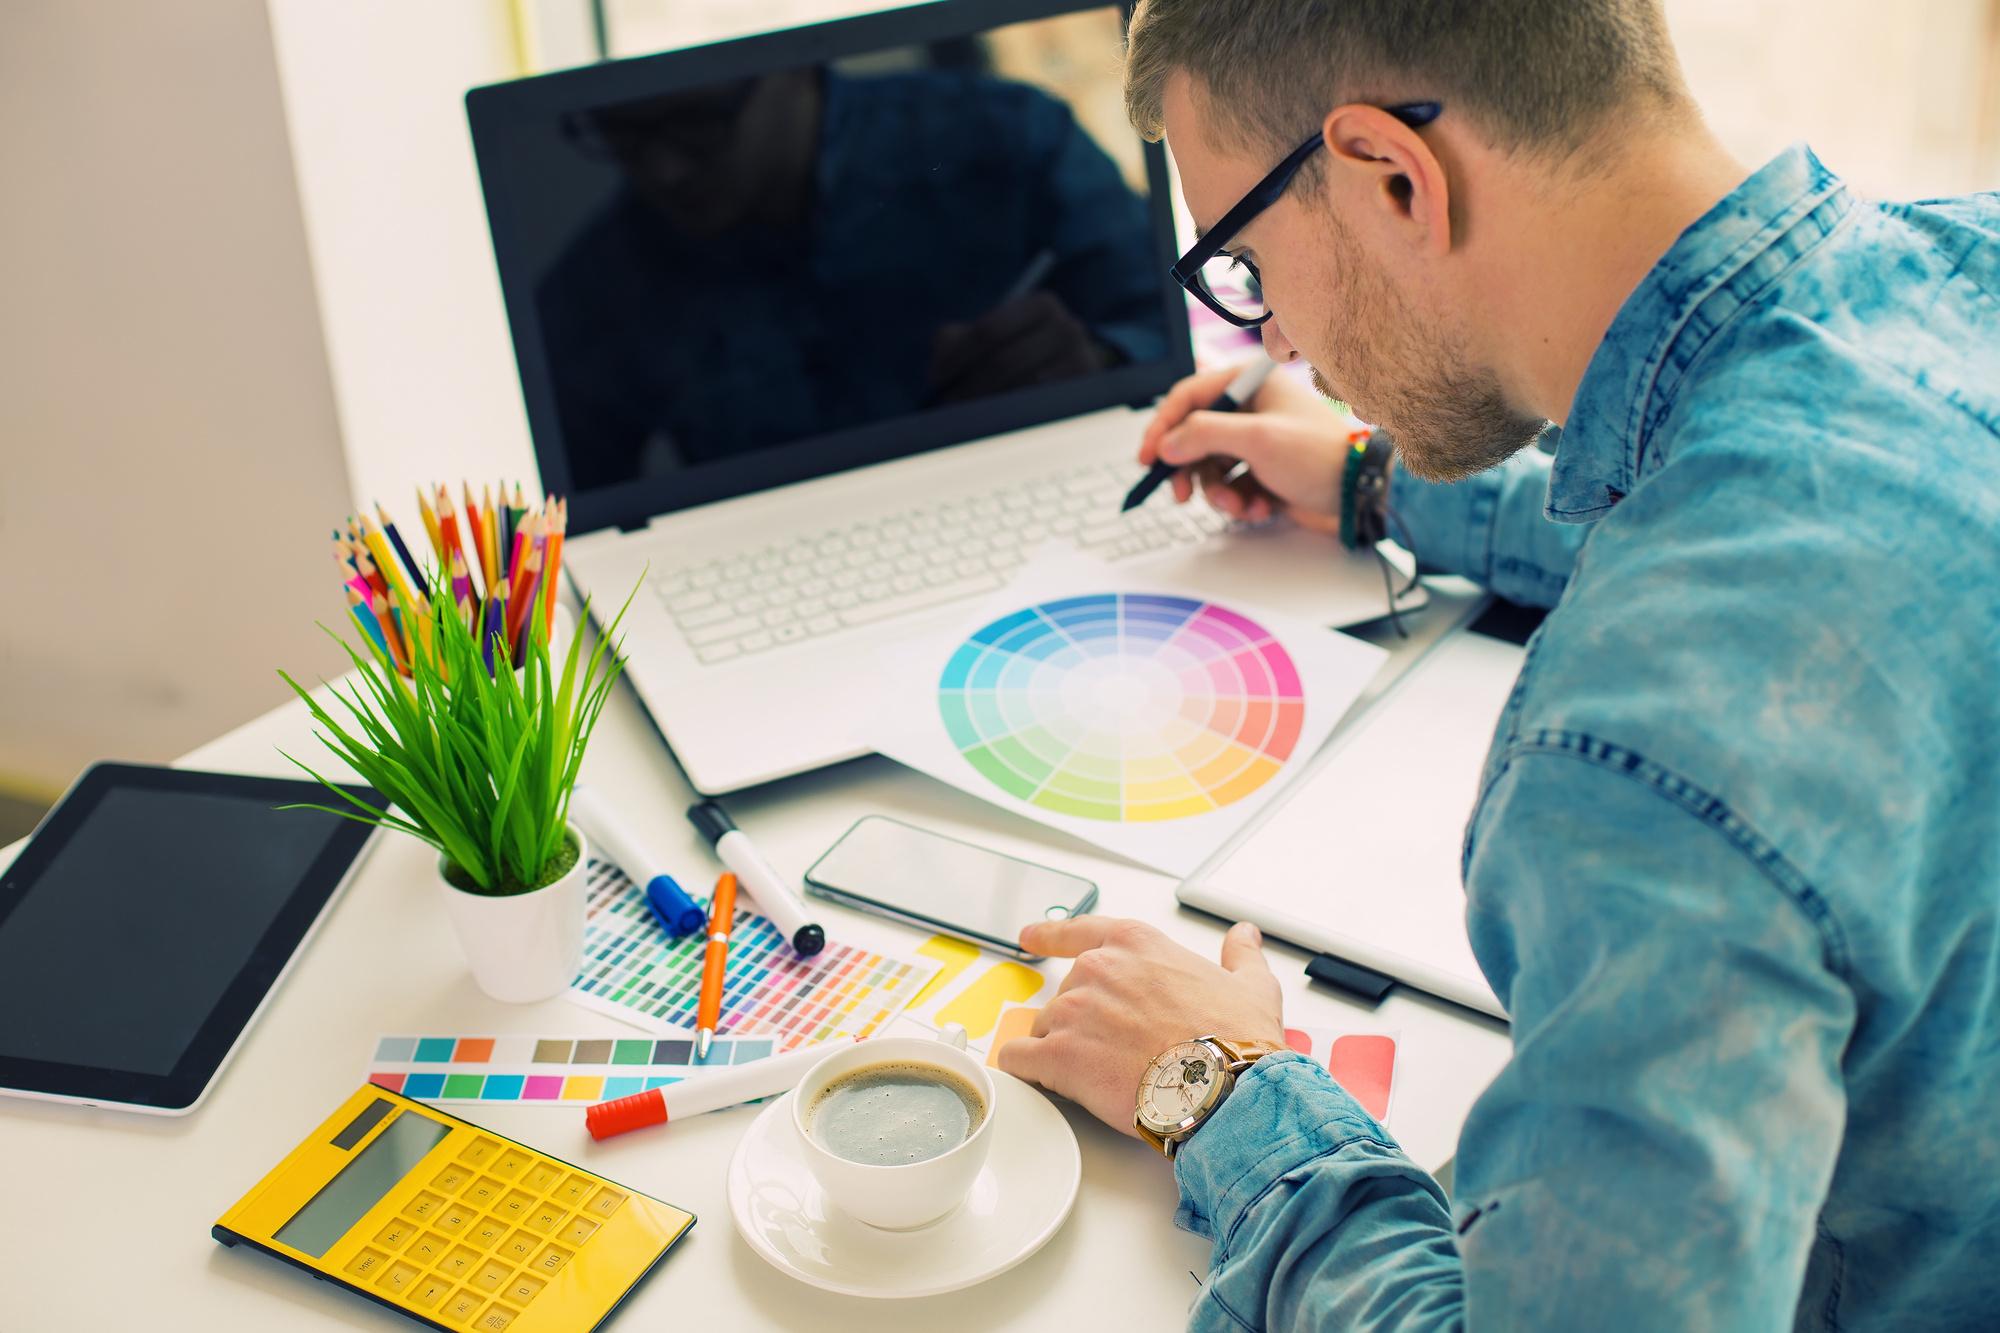 Веб-дизайнер: кто это такой, что делает, с чего начать работу новичку